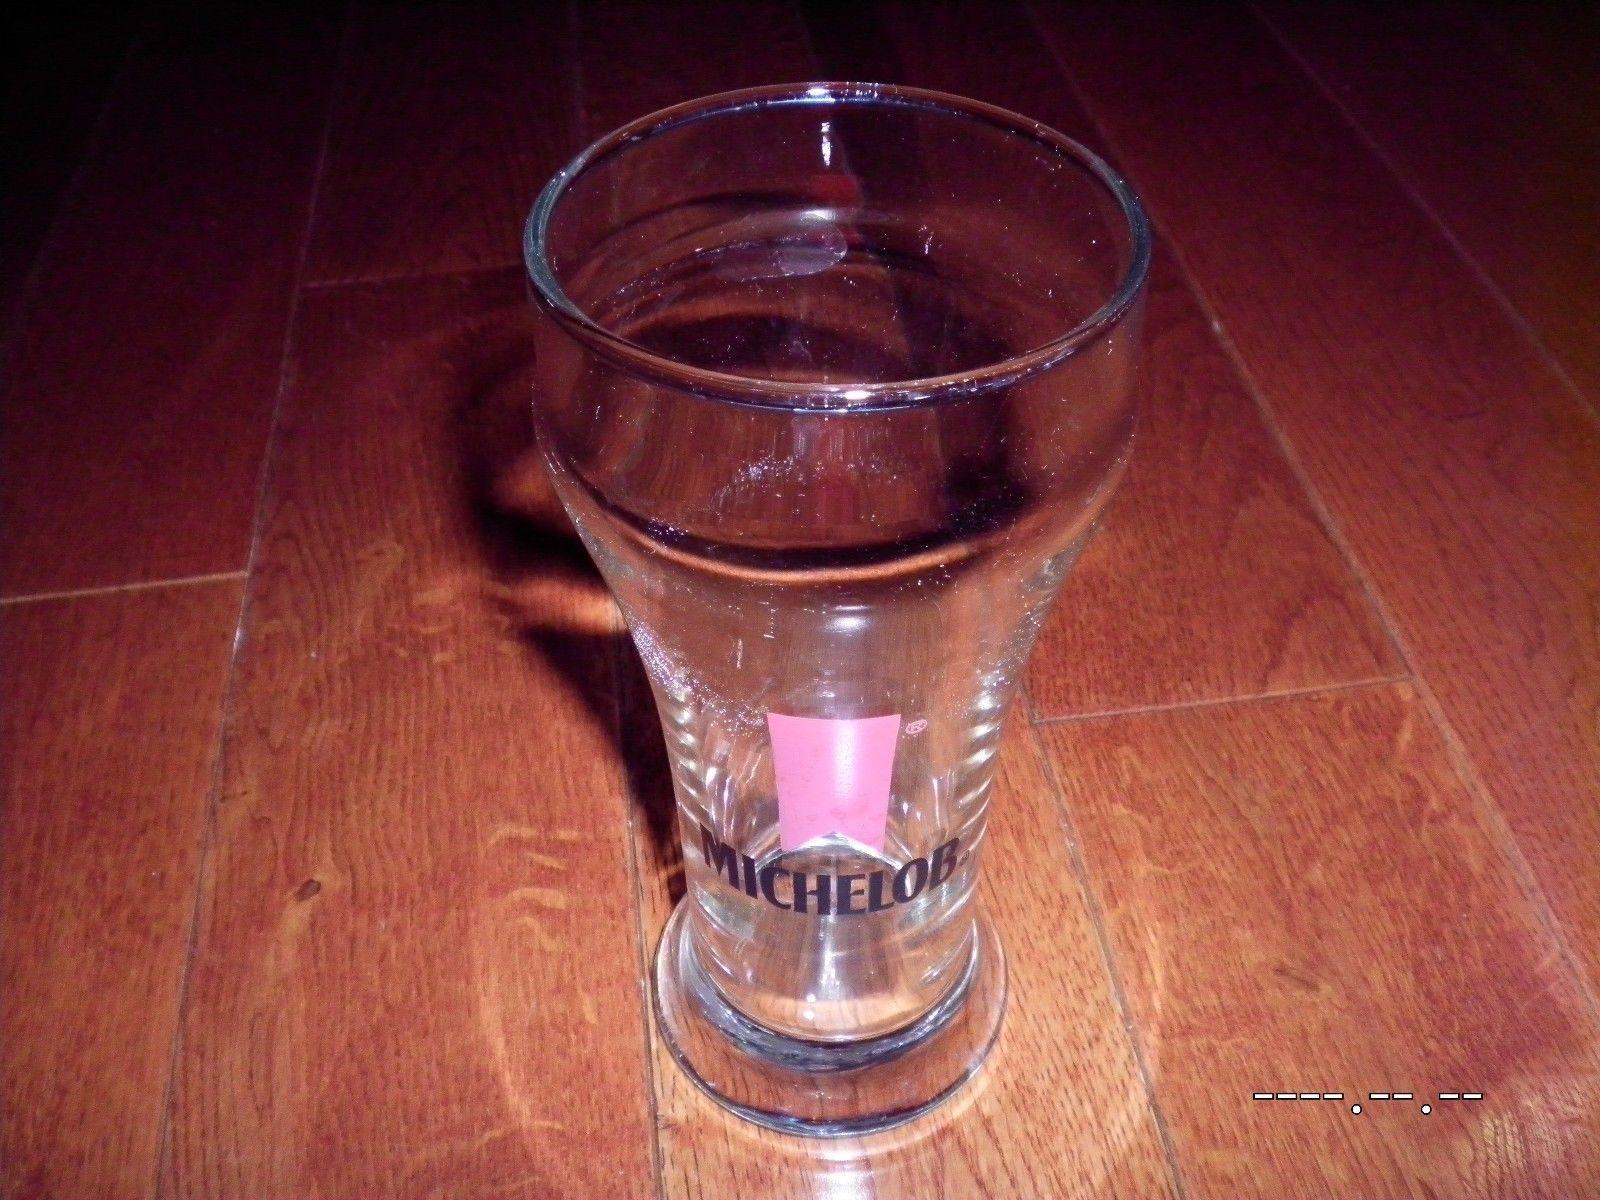 Vintage Michelob Draught Beer Glass mini pilsner scooner draft mancave budweiser